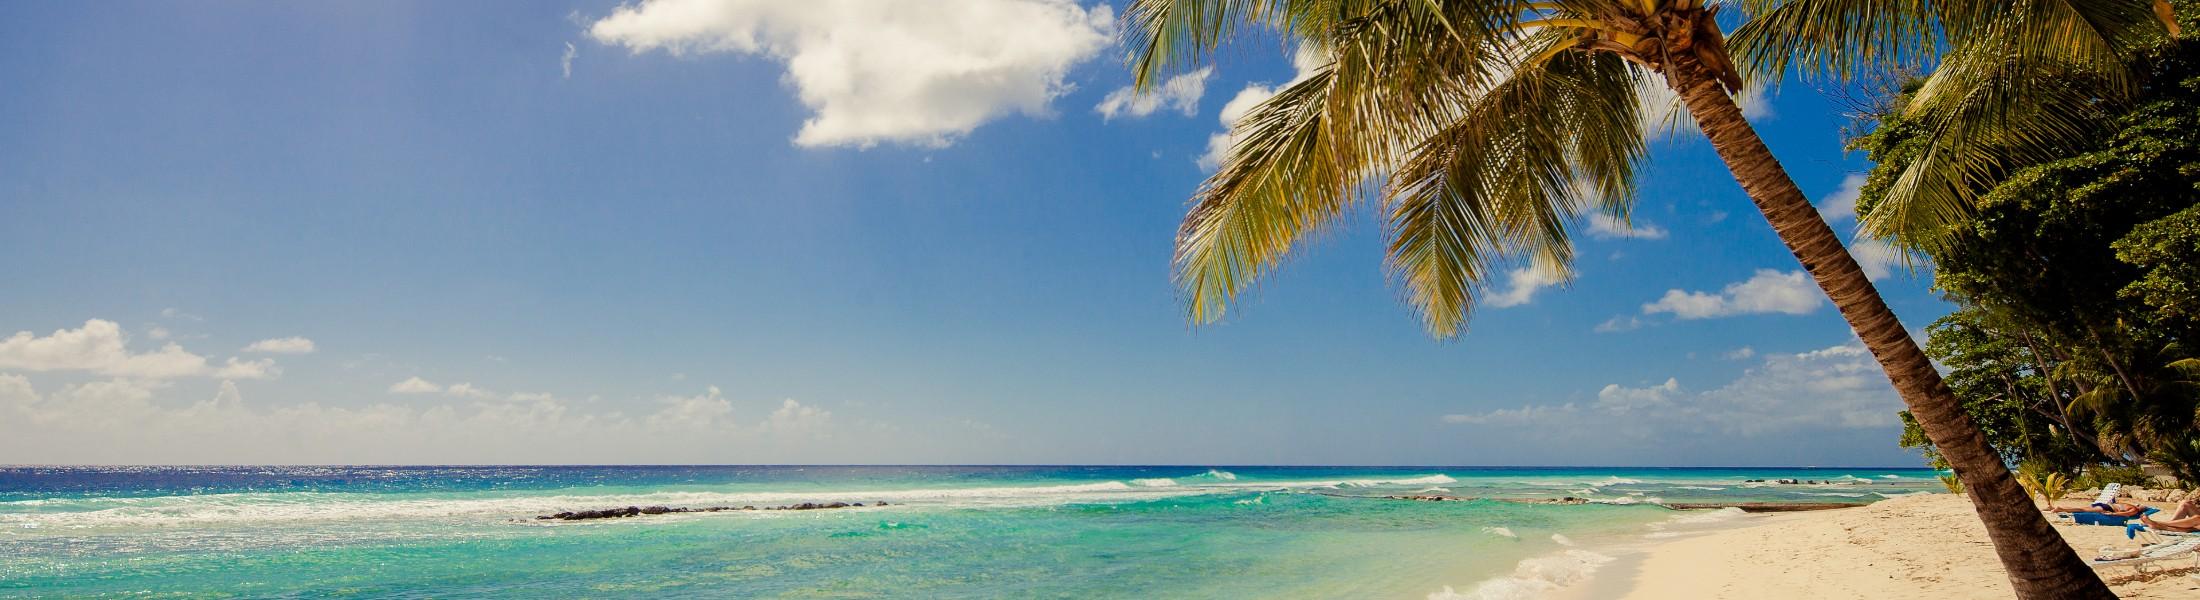 Beach and palm tree at Sugar Bay Barbados